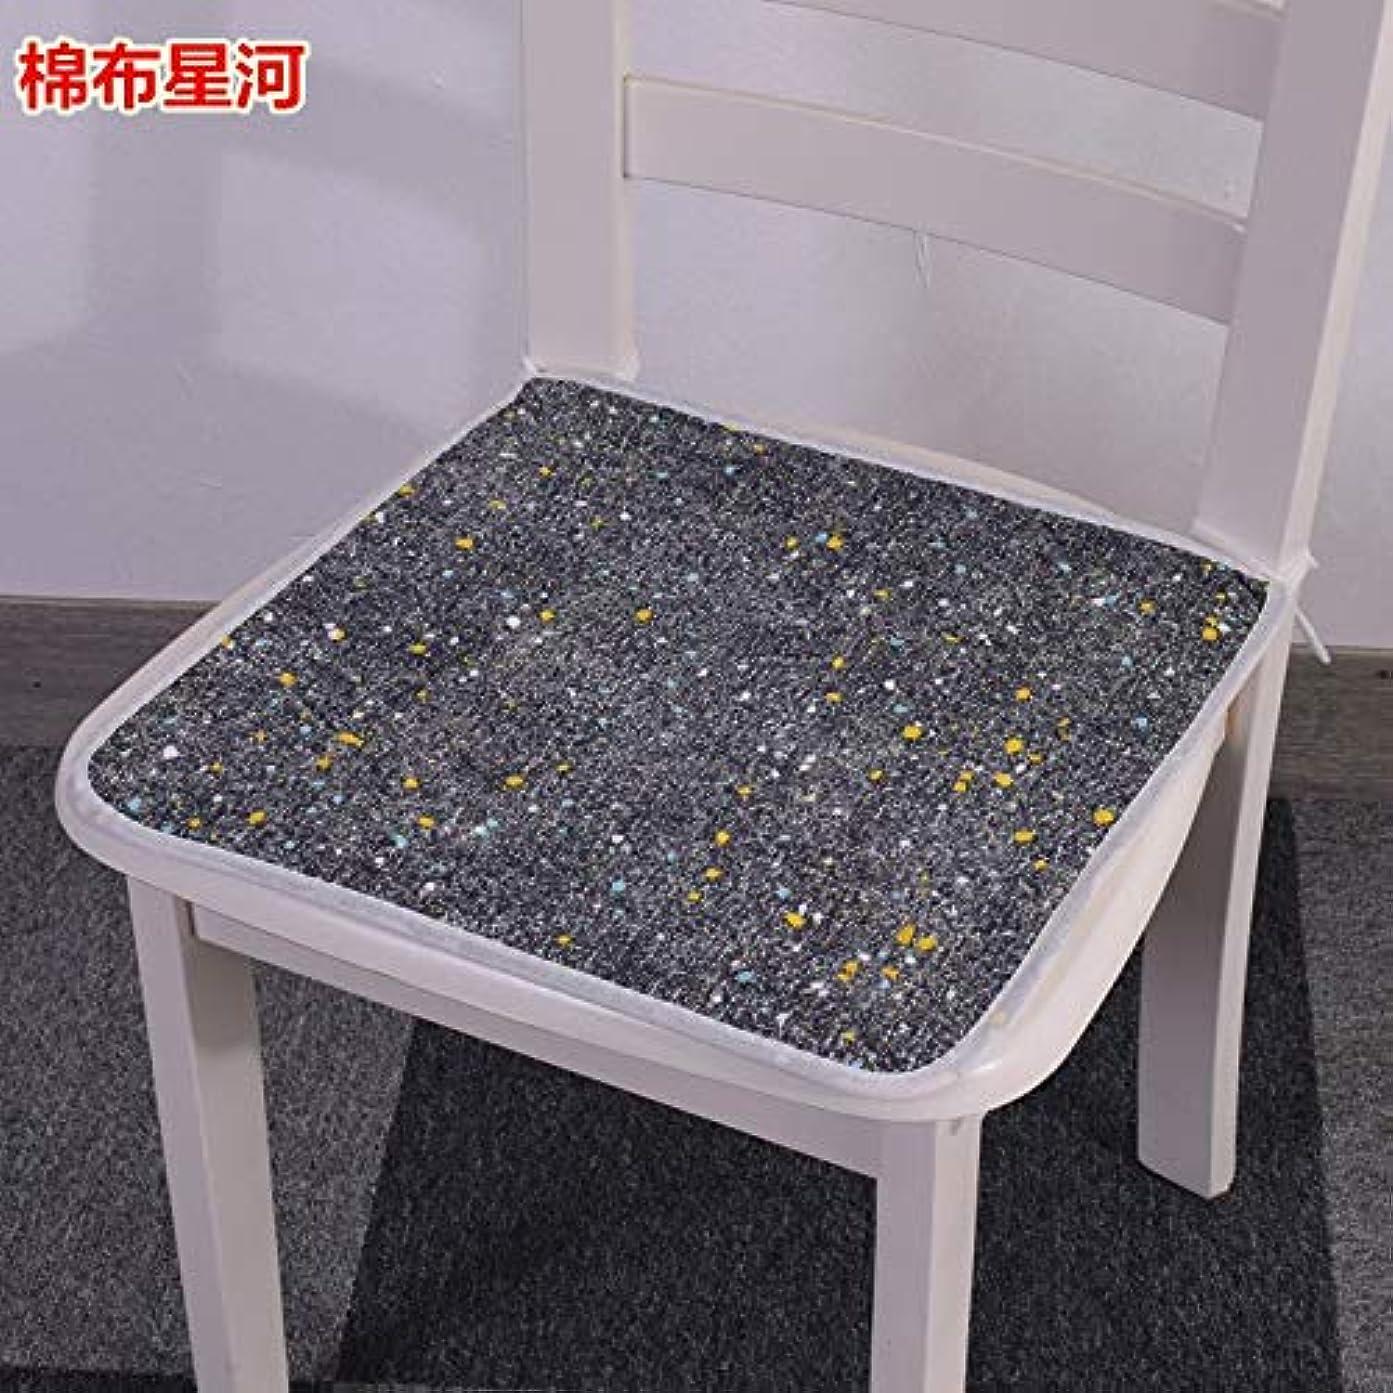 薄暗い屈辱する楽しむLIFE 現代スーパーソフト椅子クッション非スリップシートクッションマットソファホームデコレーションバッククッションチェアパッド 40*40/45*45/50*50 センチメートル クッション 椅子